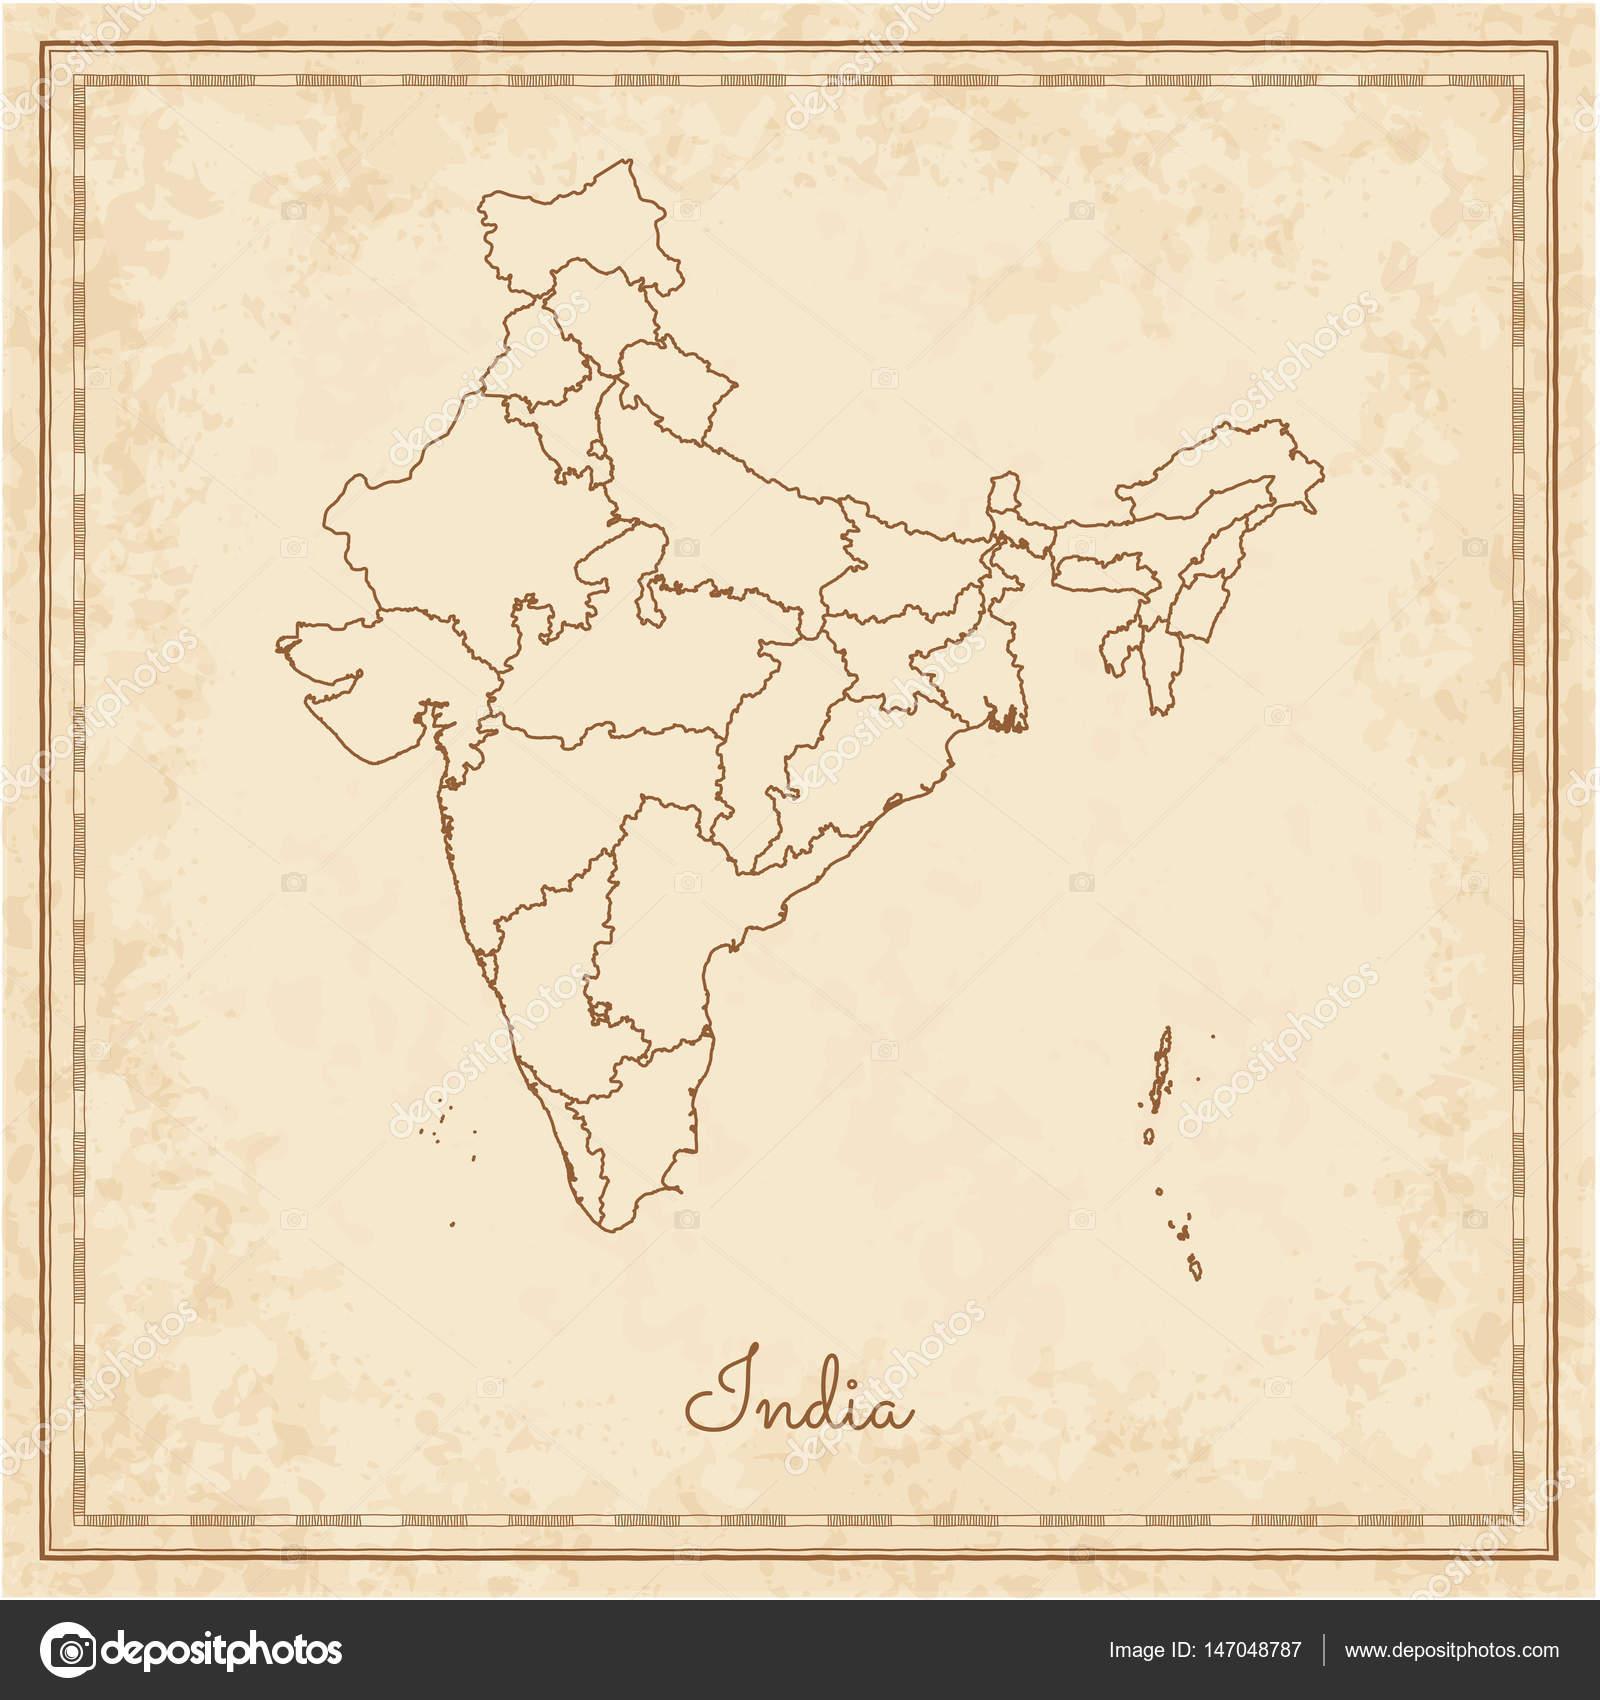 Indien Region Karte Stilyzed alten Piraten Pergament Nachahmung ...